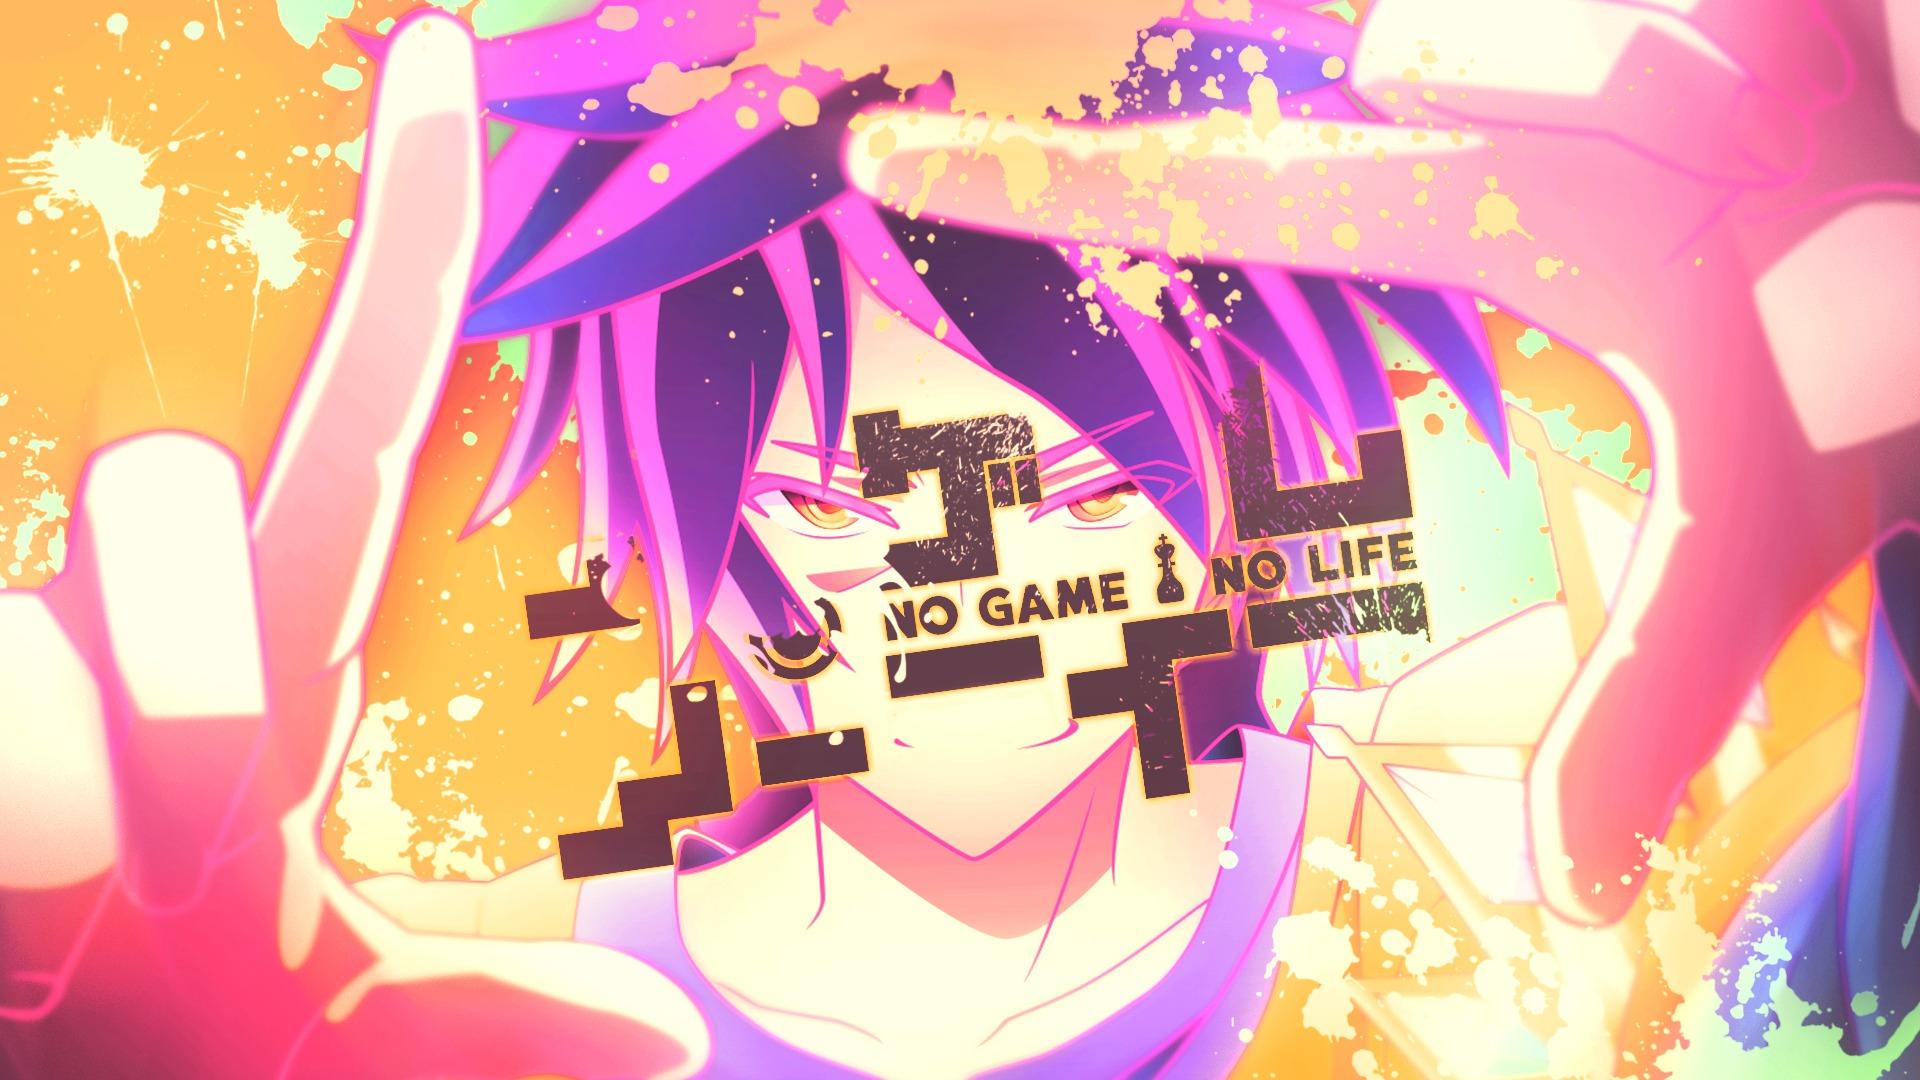 No Game No Life Download Wallpaper - No Game No Life Desktop , HD Wallpaper & Backgrounds